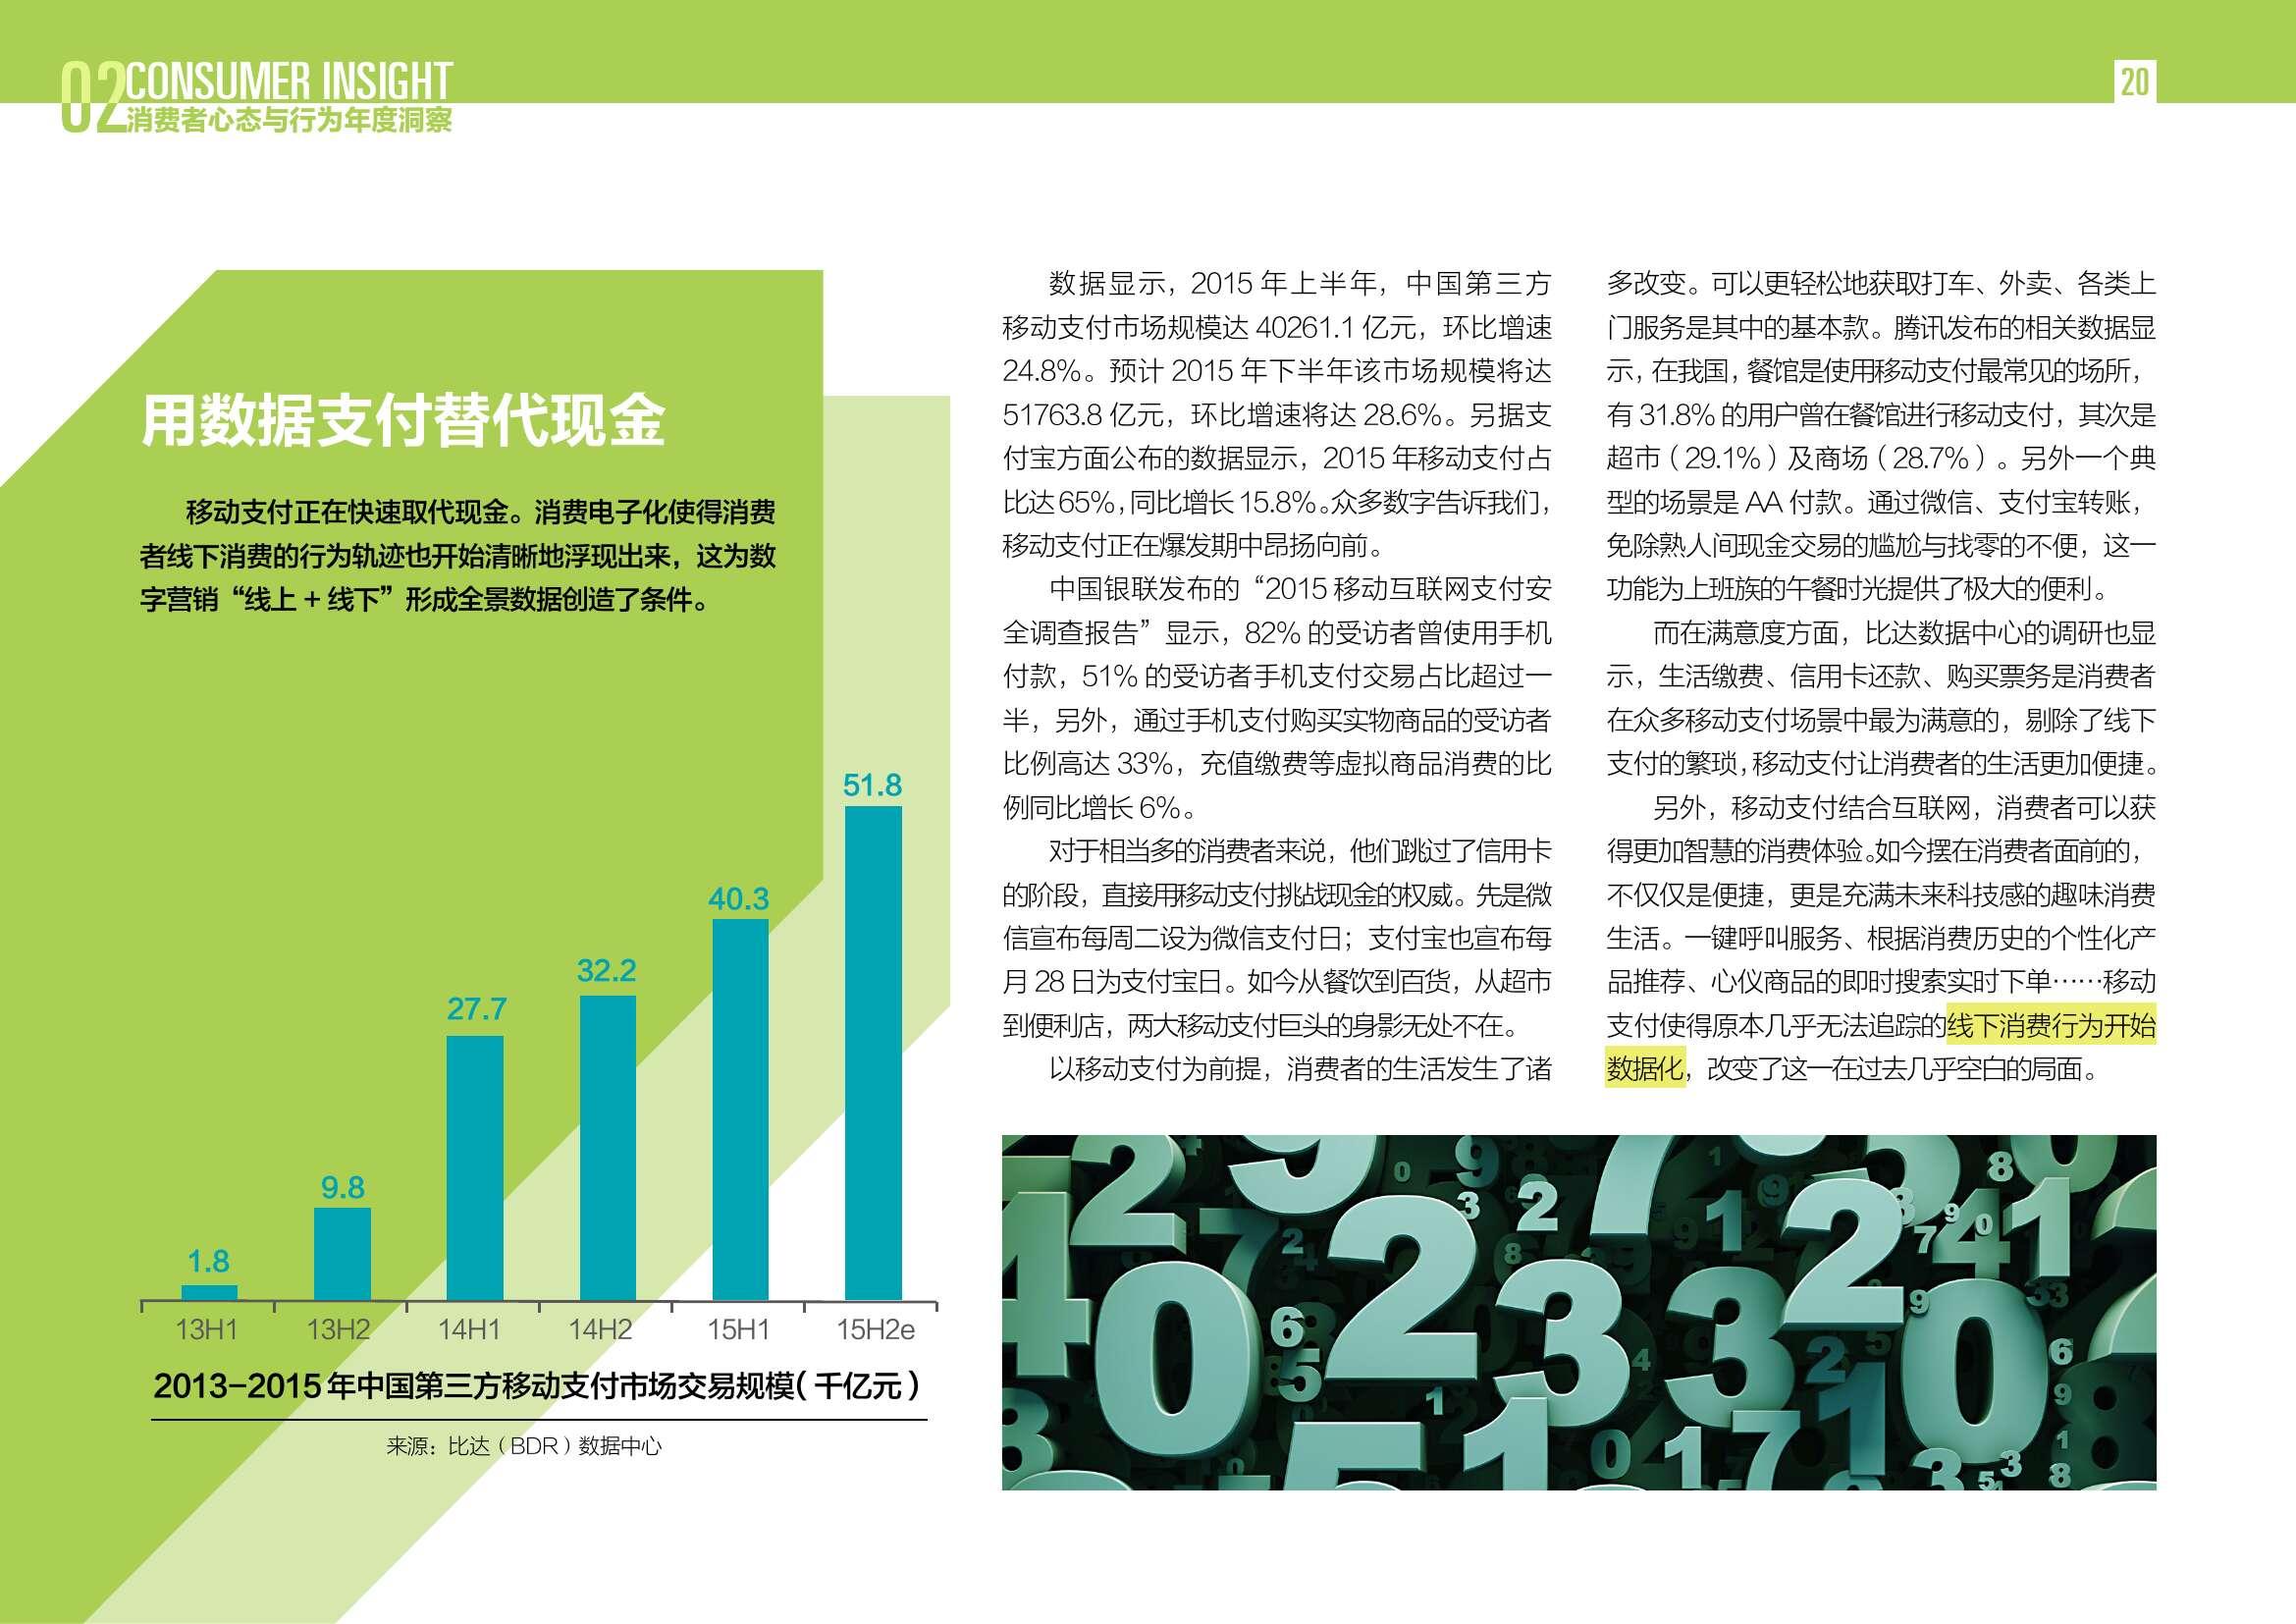 2016中国数字营销行动报告_000020